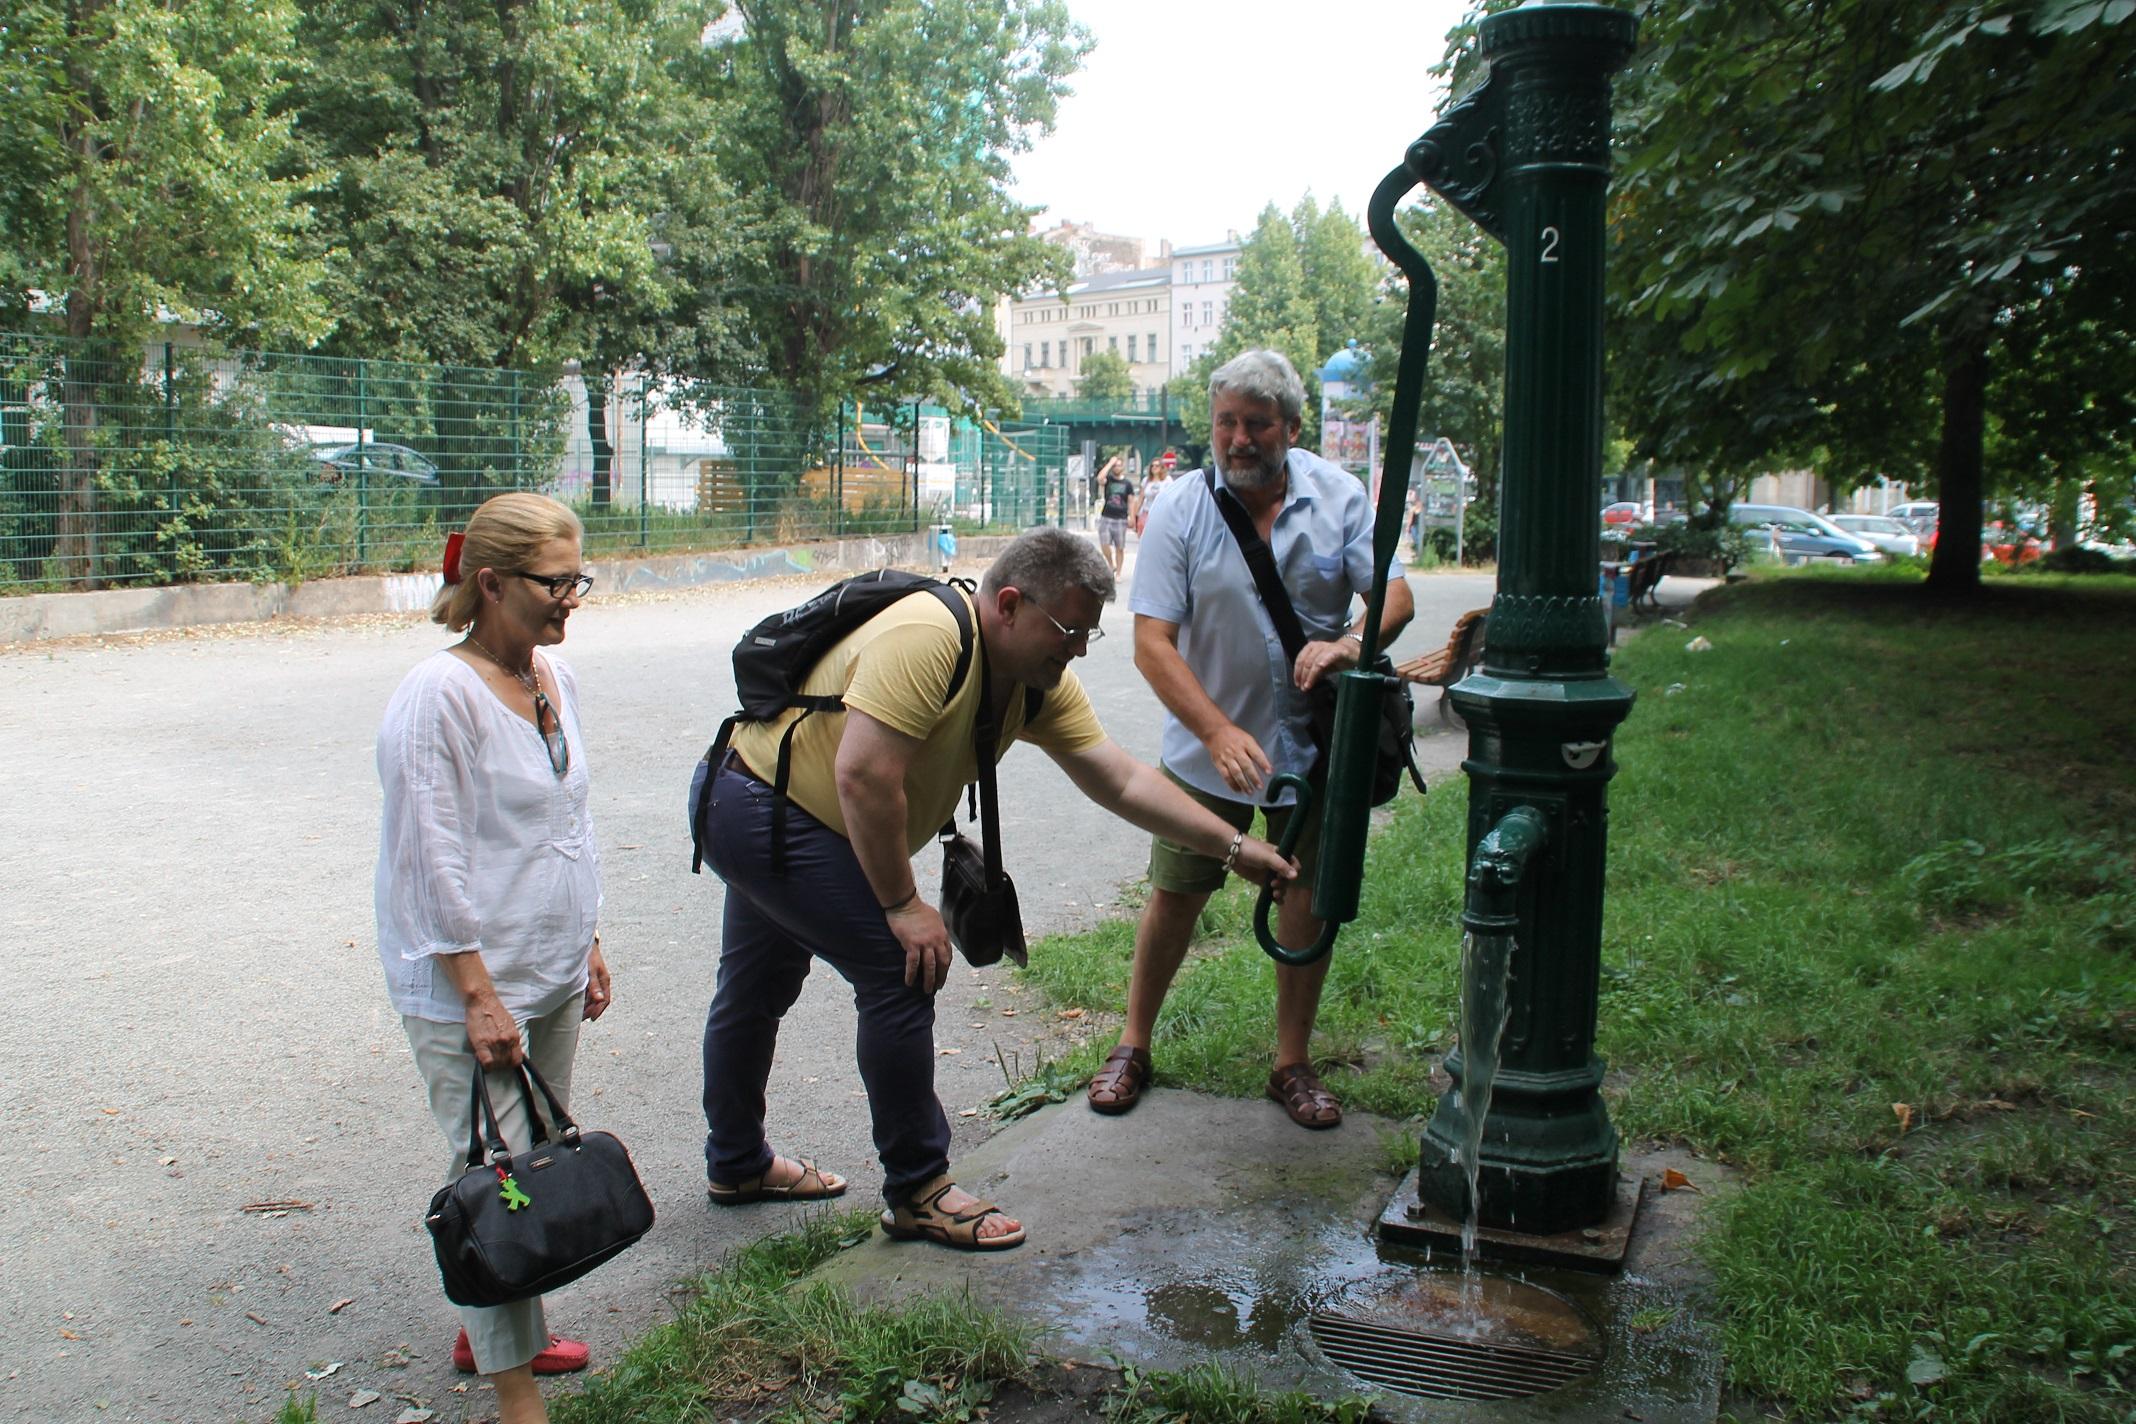 Quant a l'agost trobes una font, decideixes creuar el carrer per beure en ella.